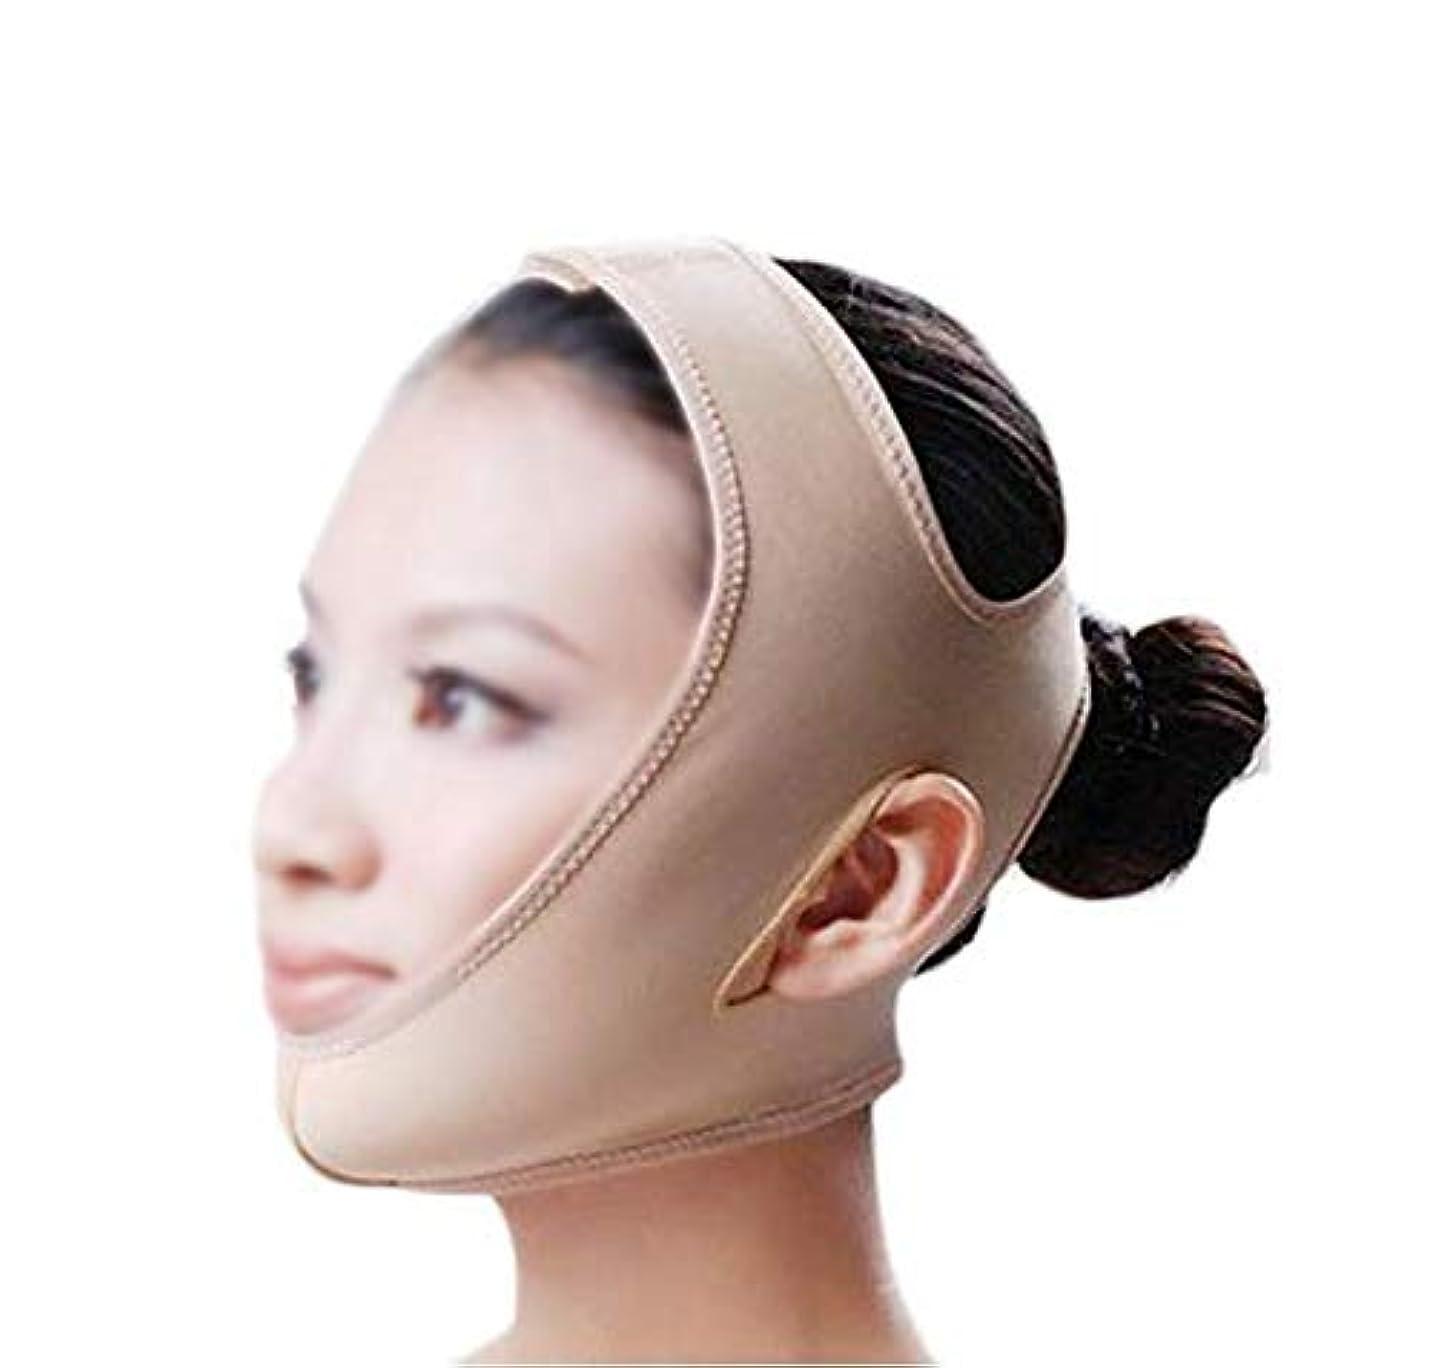 世界の窓落ち着かない子豚GLJJQMY 引き締めマスクマスクフェイシャルマスク美容薬マスク美容V顔包帯ライン彫刻引き締めしっかりした二重あごマスク 顔用整形マスク (Size : M)